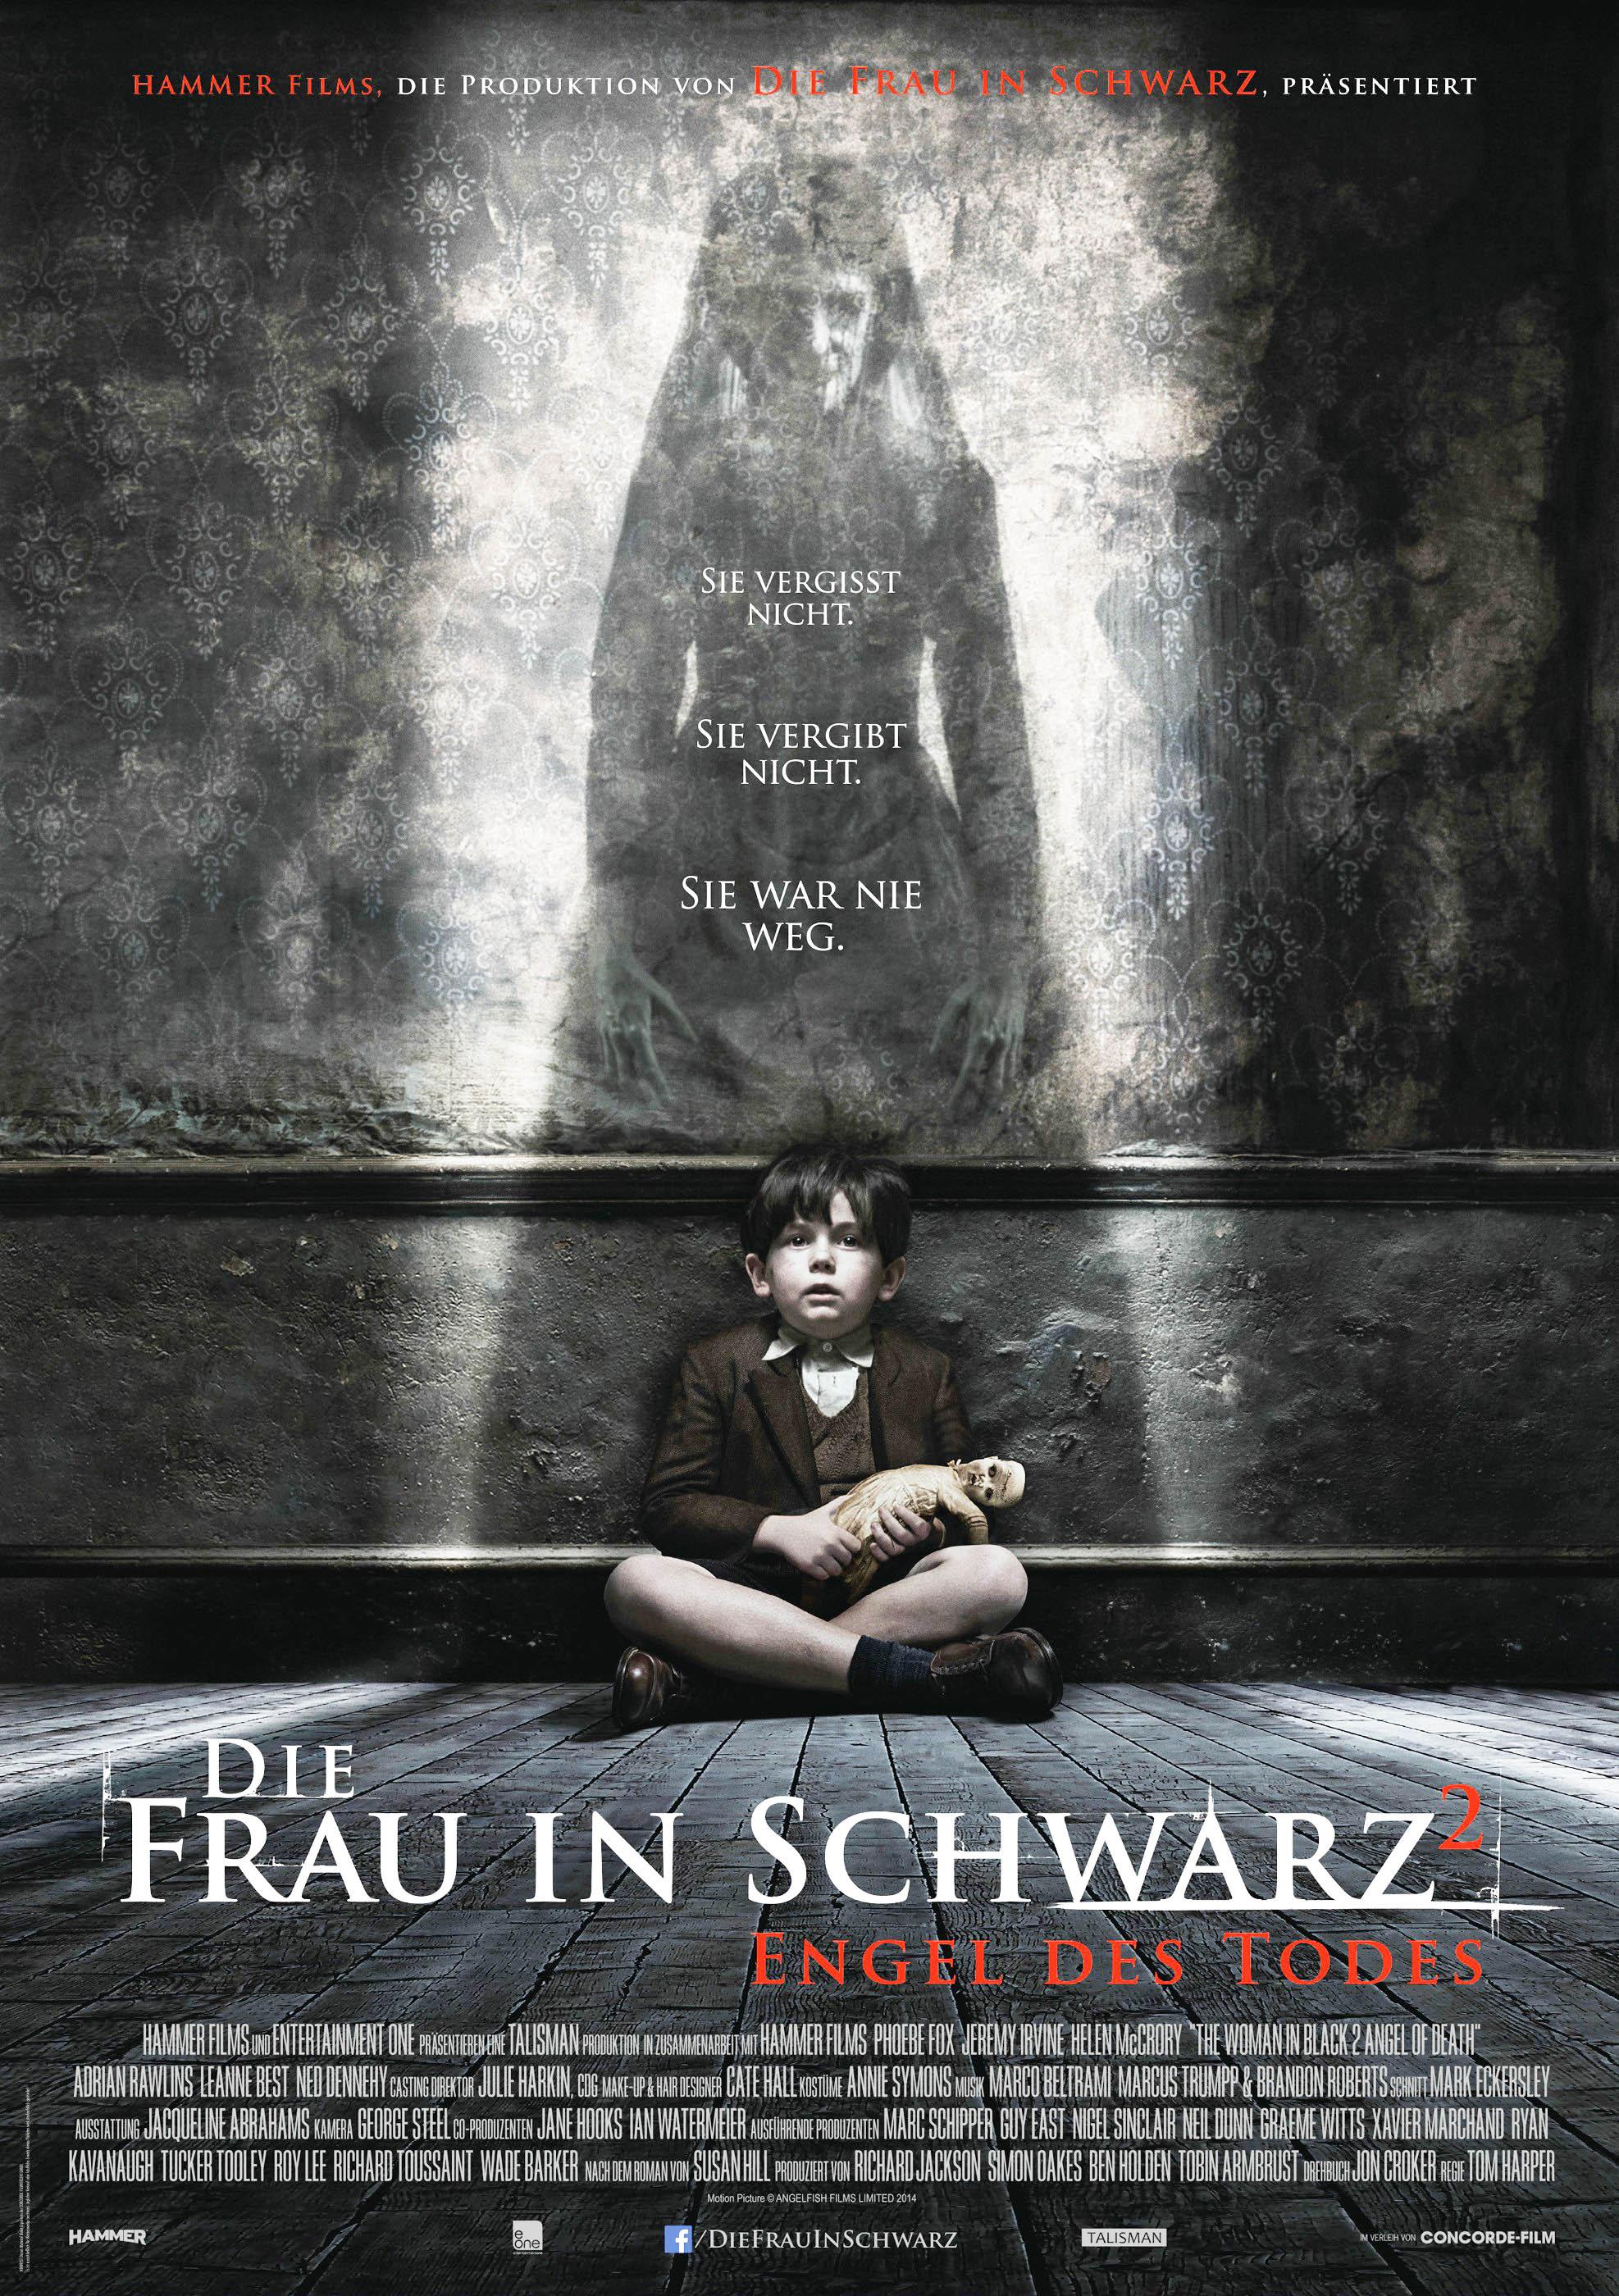 Die Frau In Schwartz